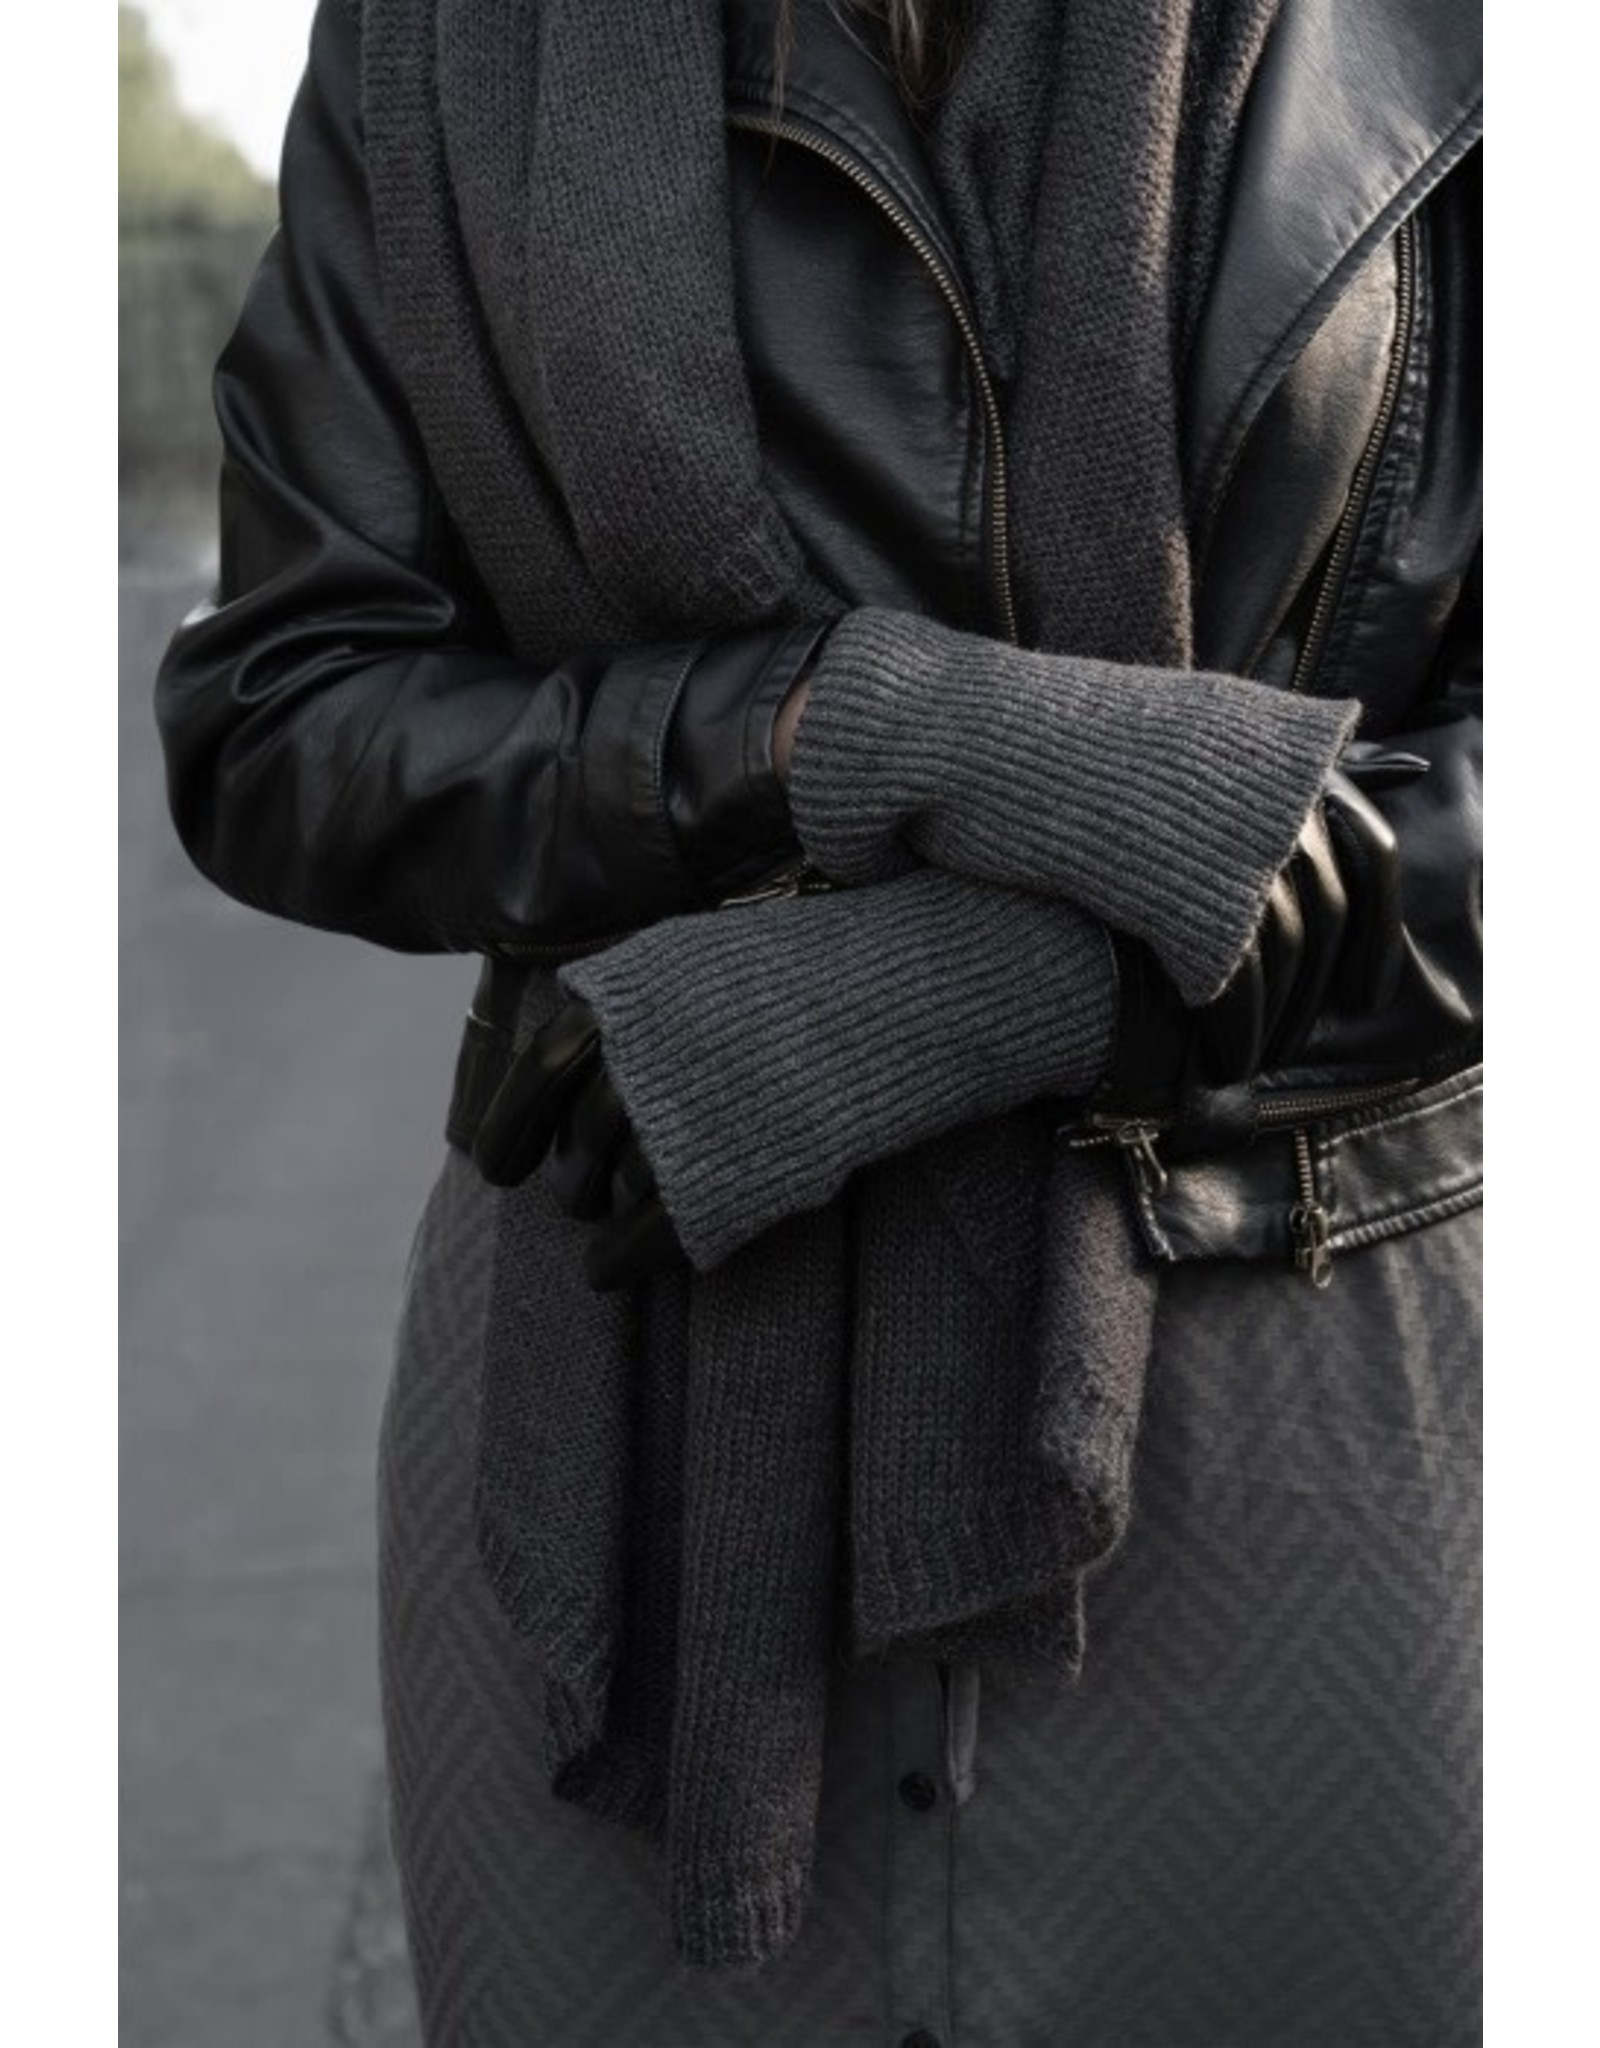 Zusss Zusss Stoere Handschoen Zwart/Grafiet